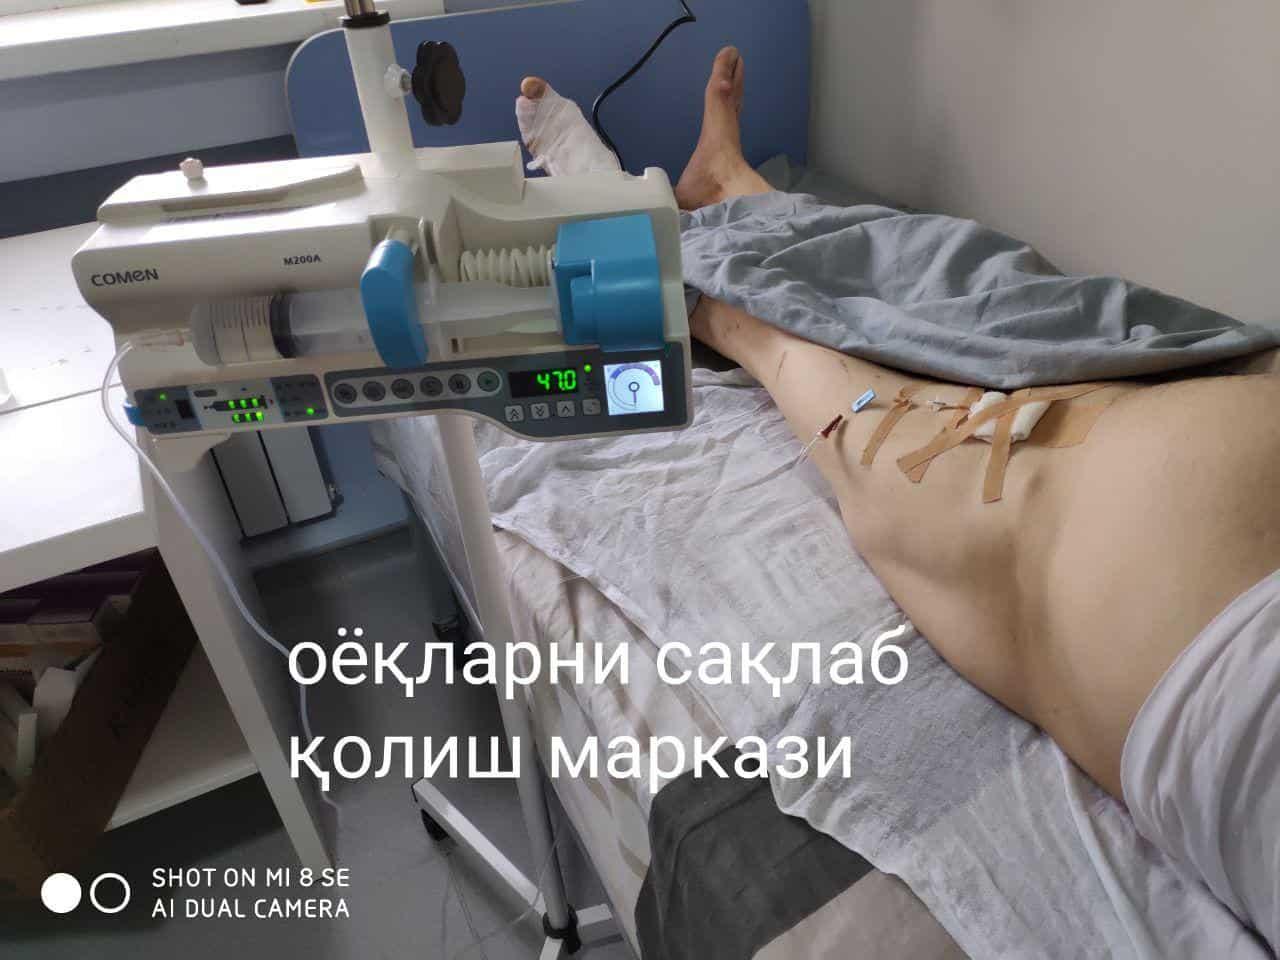 Бу узоқ муддат (3-4 кун)га сон артериясига ўрнатилган катетер (ингичка қувур) орқали кеча кундуз тинмасдан, шприцли дозатор аппарати ёрдамида бажарилади (ДВАКТ)